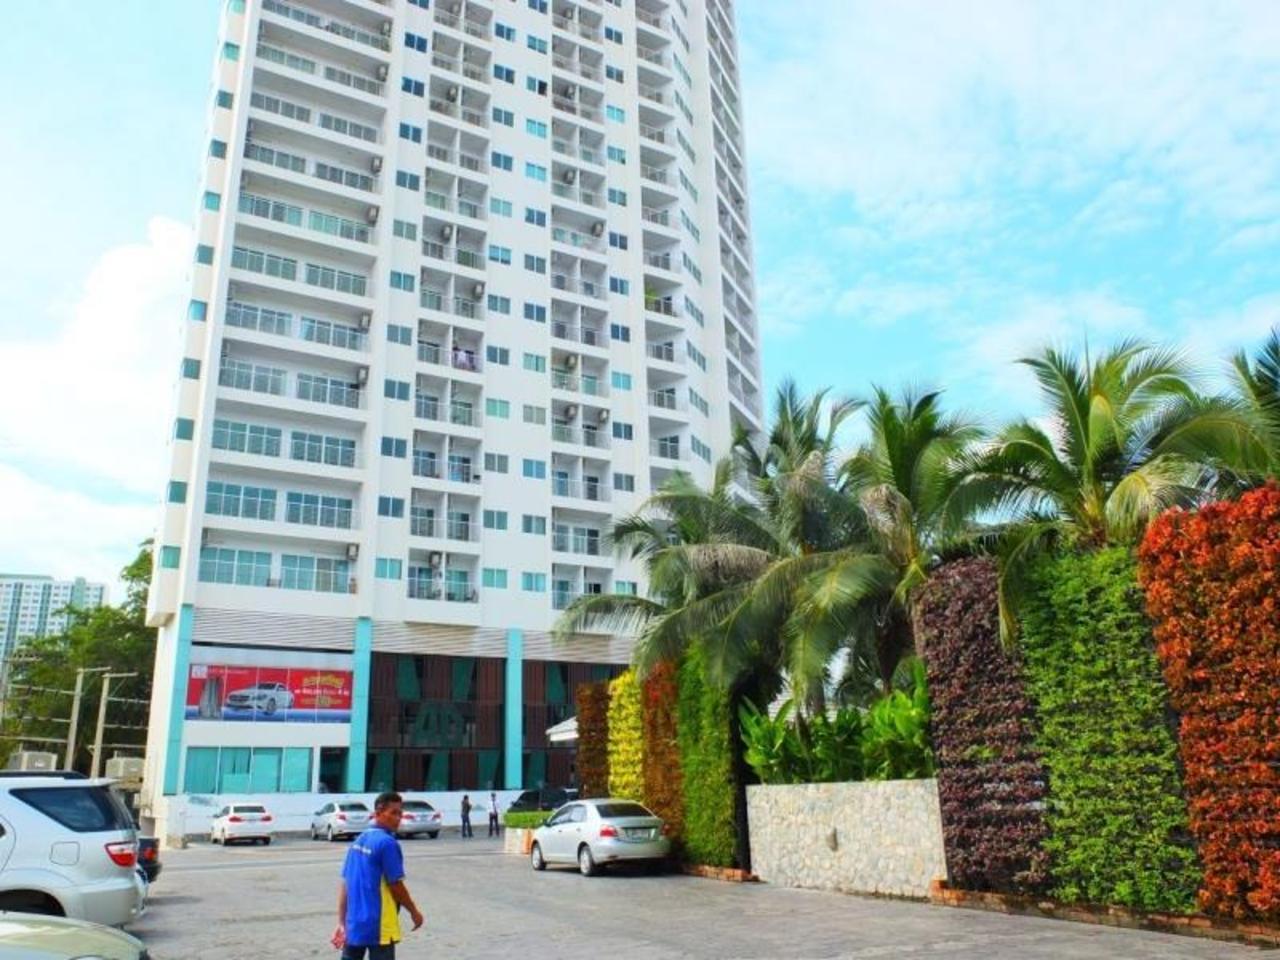 เอดี คอนโดมิเนียม วงศ์ อมาตย์ รูม นัมเบอร์ 118 (AD Condominium Wong Amat Room No 118)